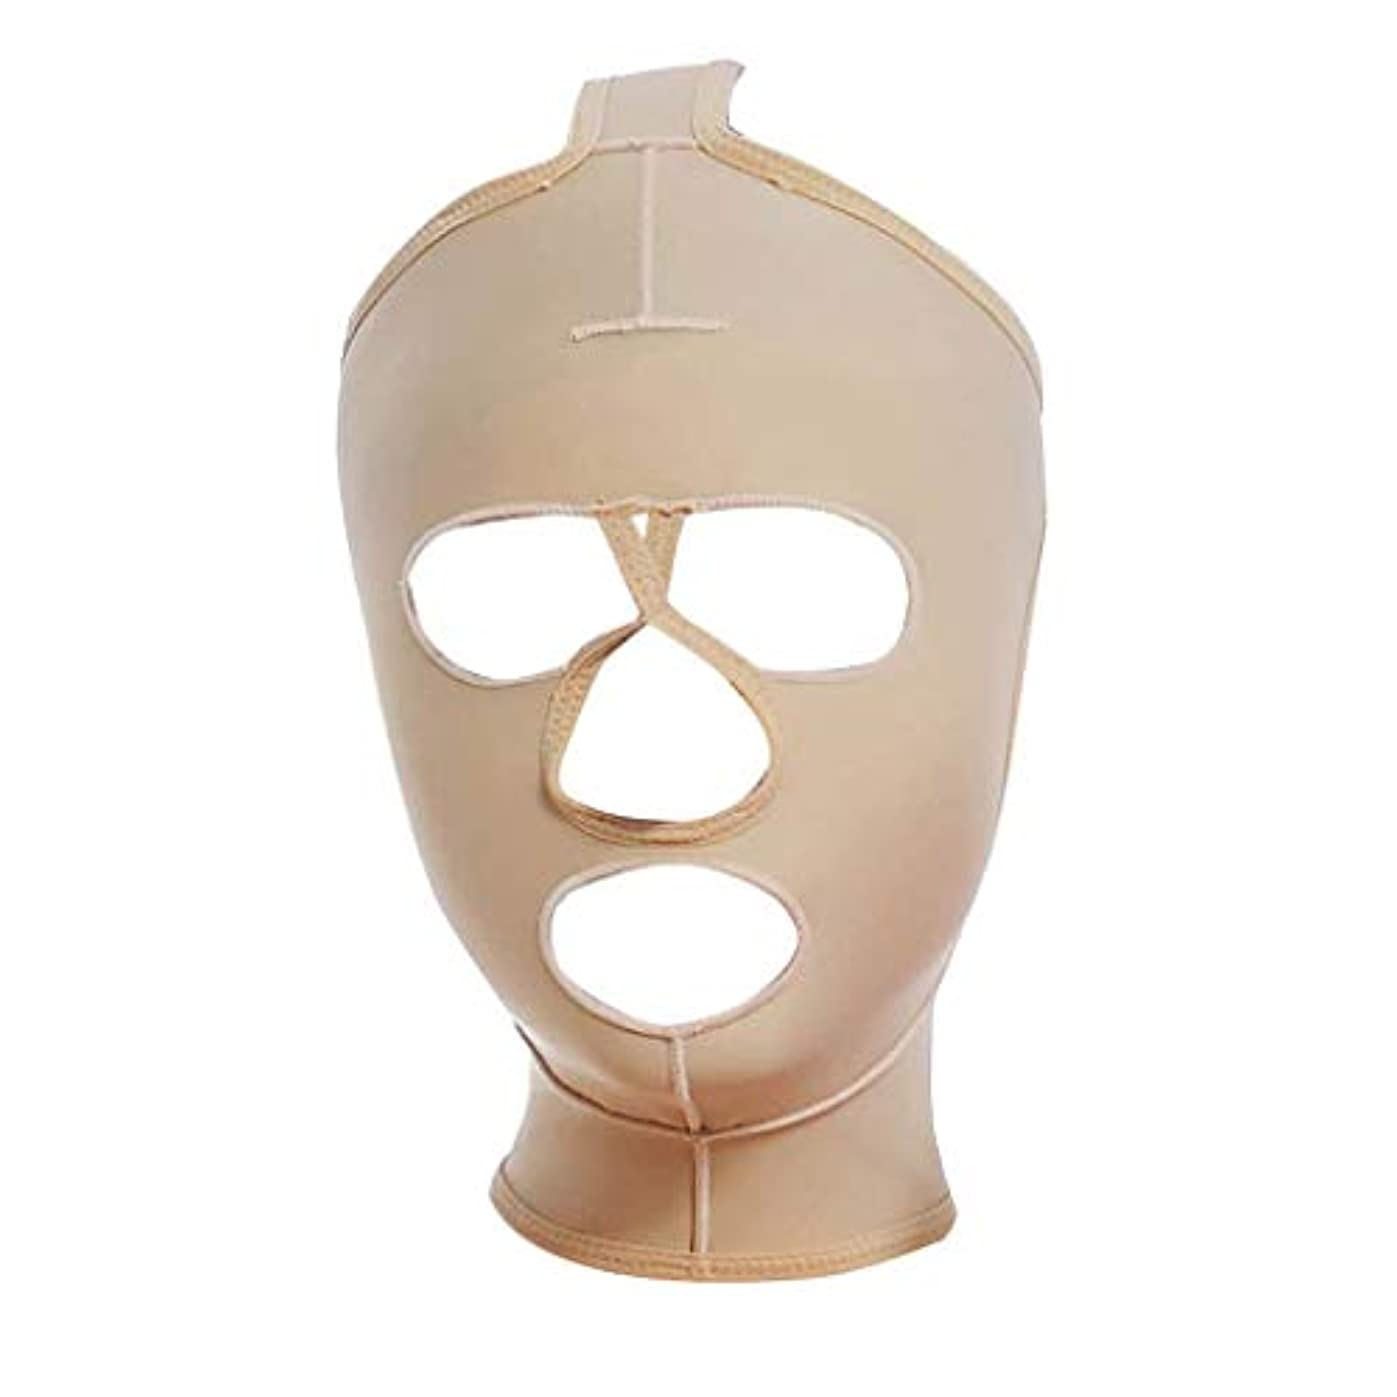 浮く粘液細断フェイス&ネックリフト、減量フェイスマスク脂肪吸引術脂肪吸引術整形マスクフードフェイスリフティングアーティファクトVフェイスビームフェイス弾性スリーブ(サイズ:XXL),Xl